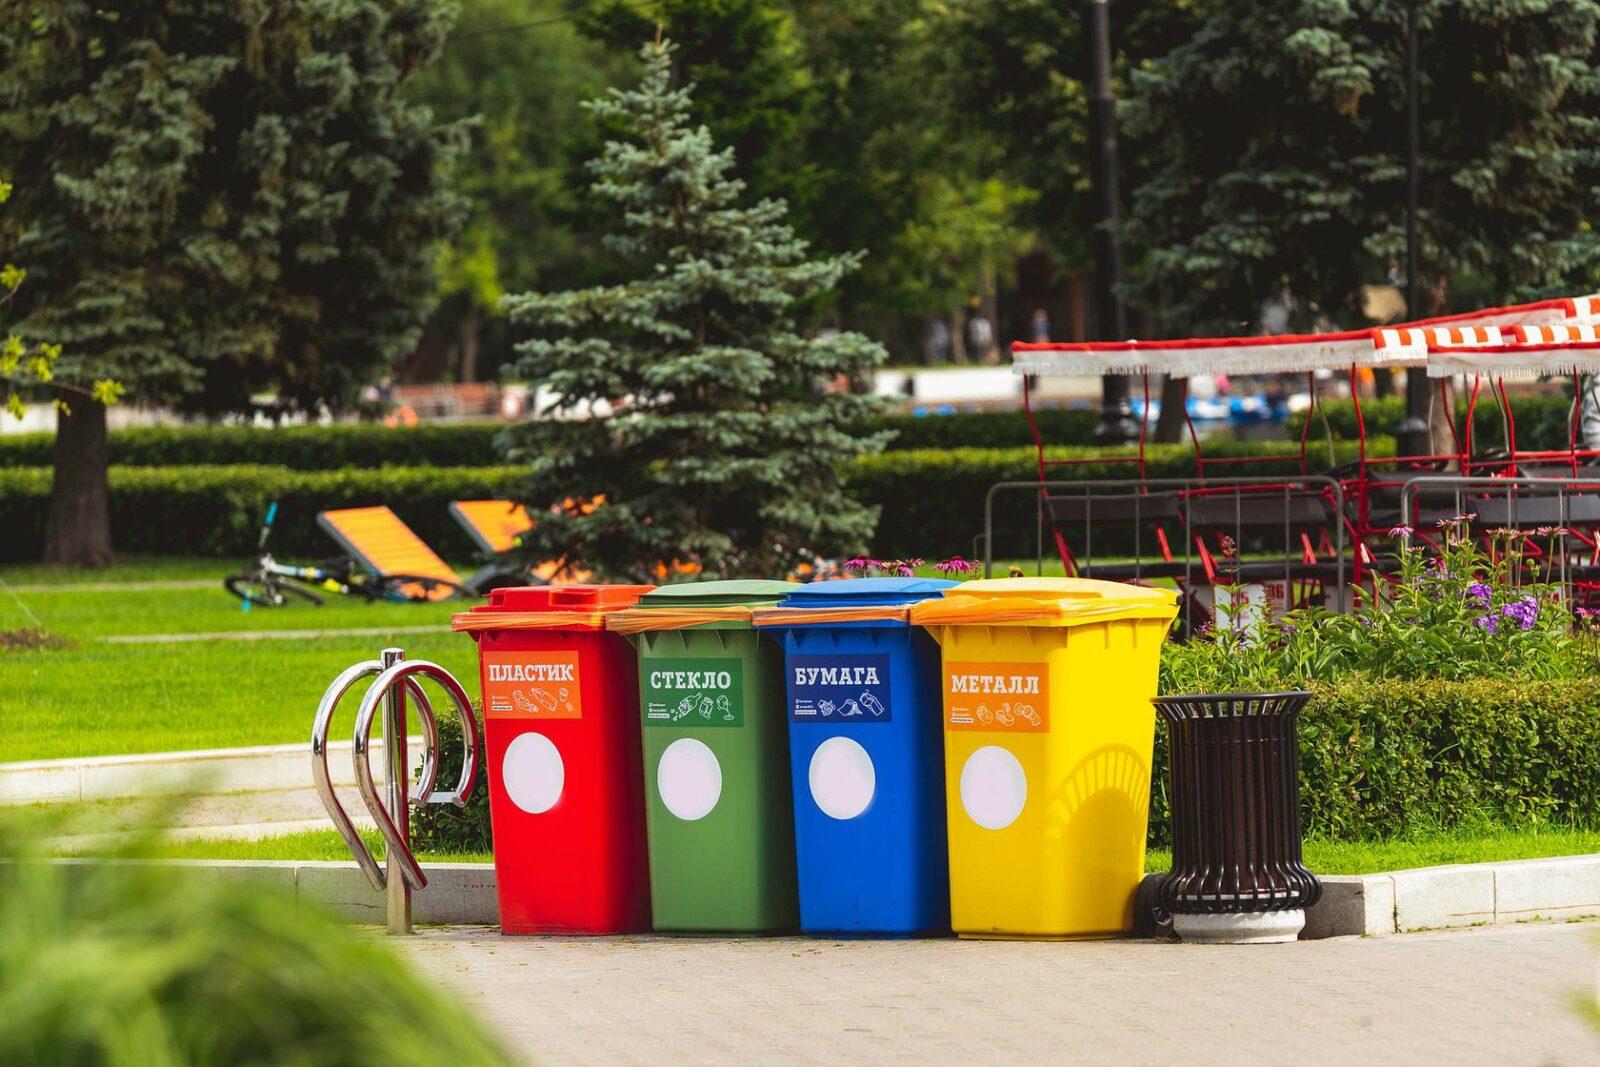 Что мешает организовать раздельный сбор отходов и переработку вторсырья